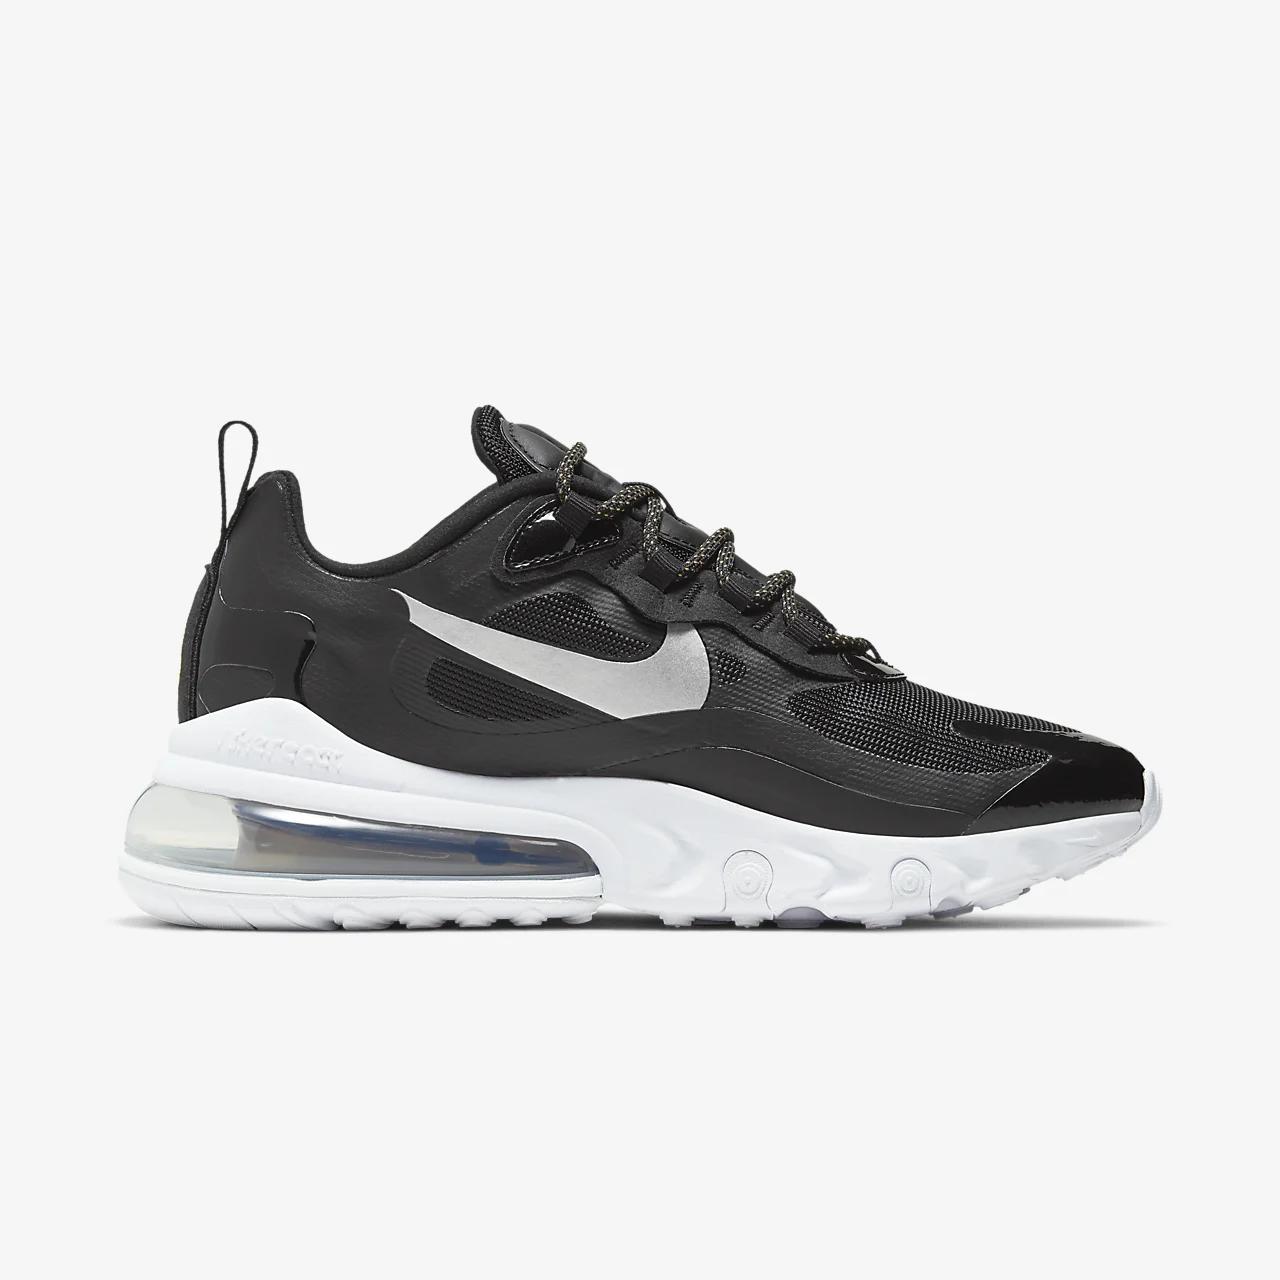 유럽직배송 나이키 NIKE Nike Air Max 270 React Women's Shoe CT3426-001